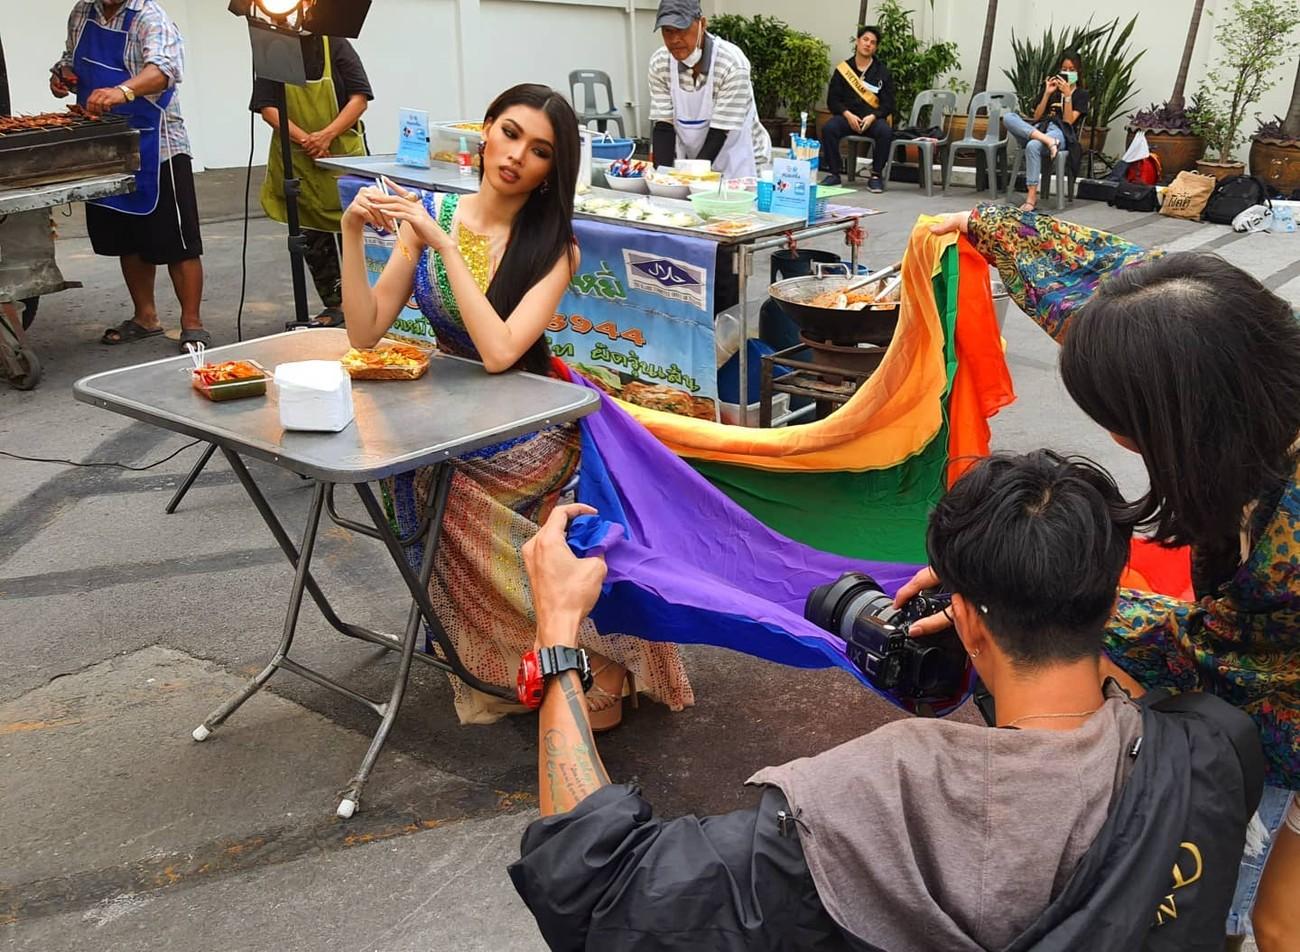 Mang váy lục sắc đi 'chinh chiến' quốc tế, Ngọc Thảo chiếm trọn spotlight ảnh 5